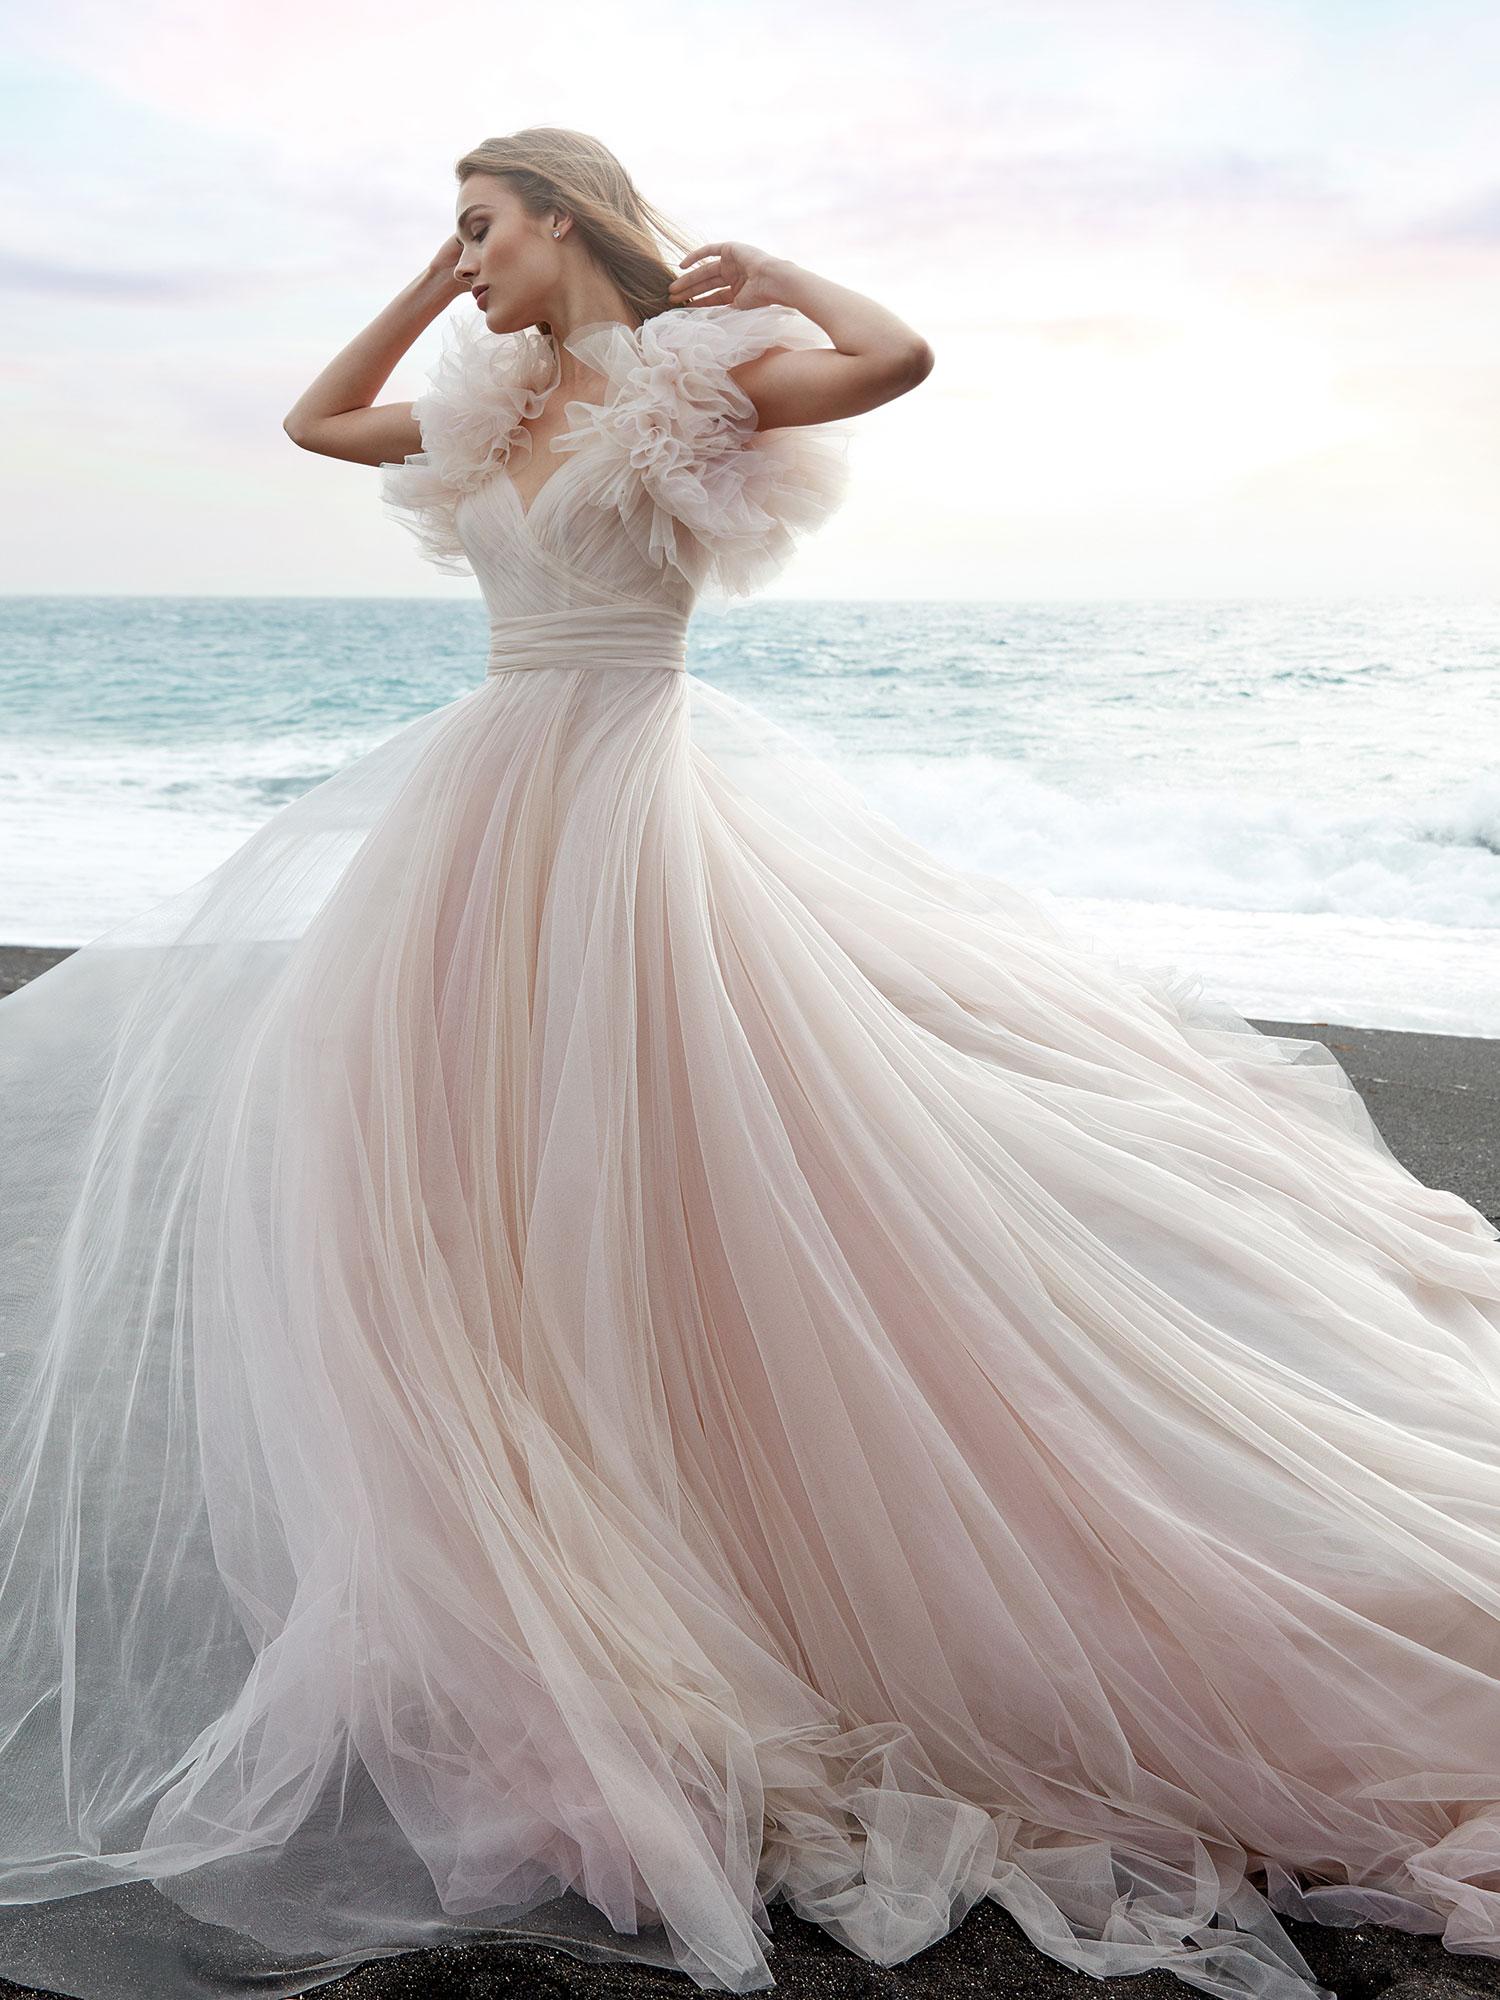 Nicole 2022 abito vestito sposa Vicenza ANGHEL